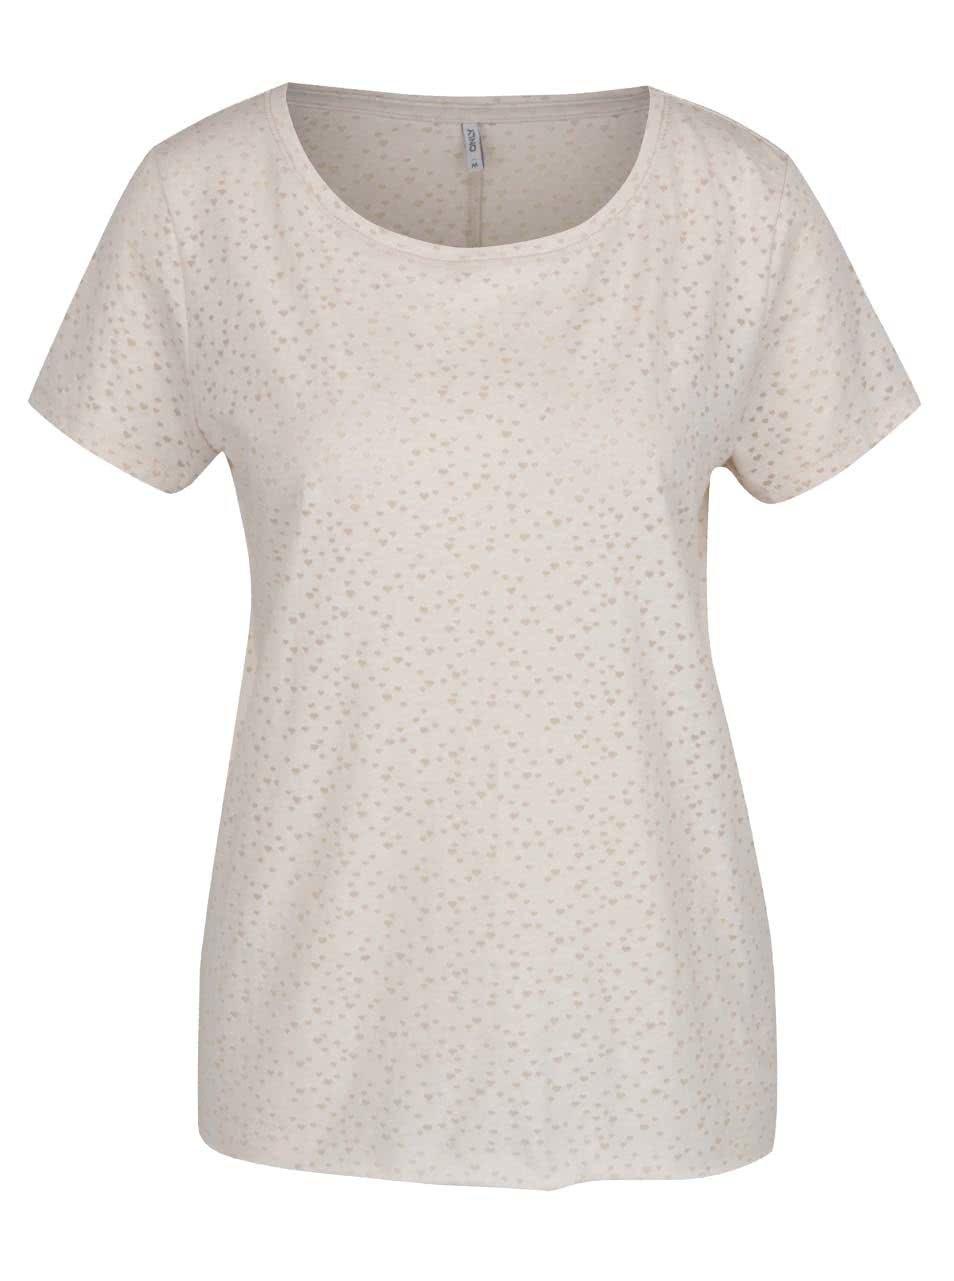 Béžové tričko s motivem srdíček Only MIra